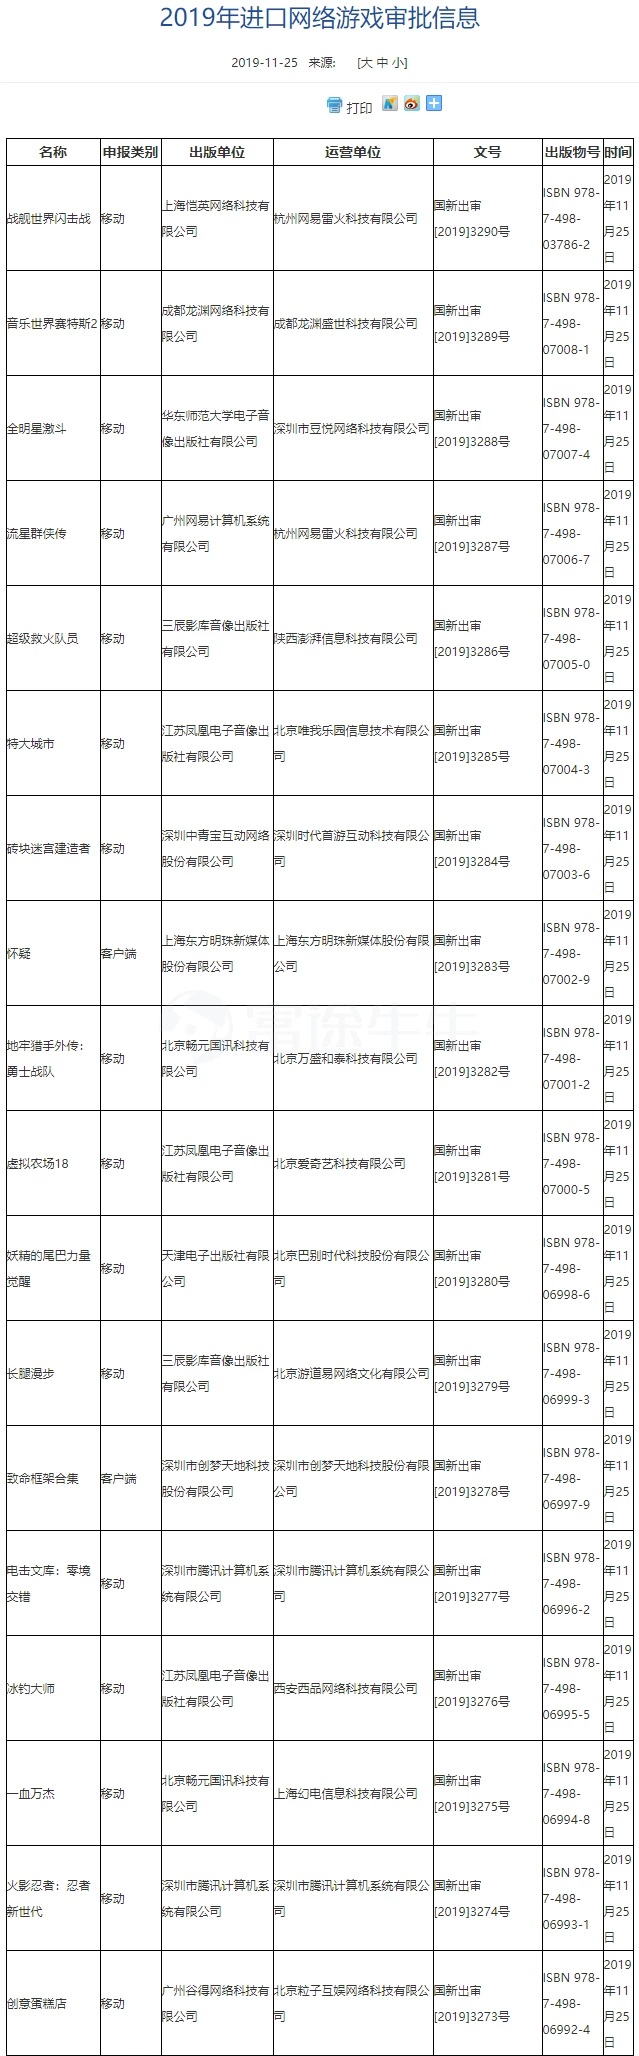 """游戏""""续命"""":腾讯网易爱奇艺B站等获新版号_同比"""